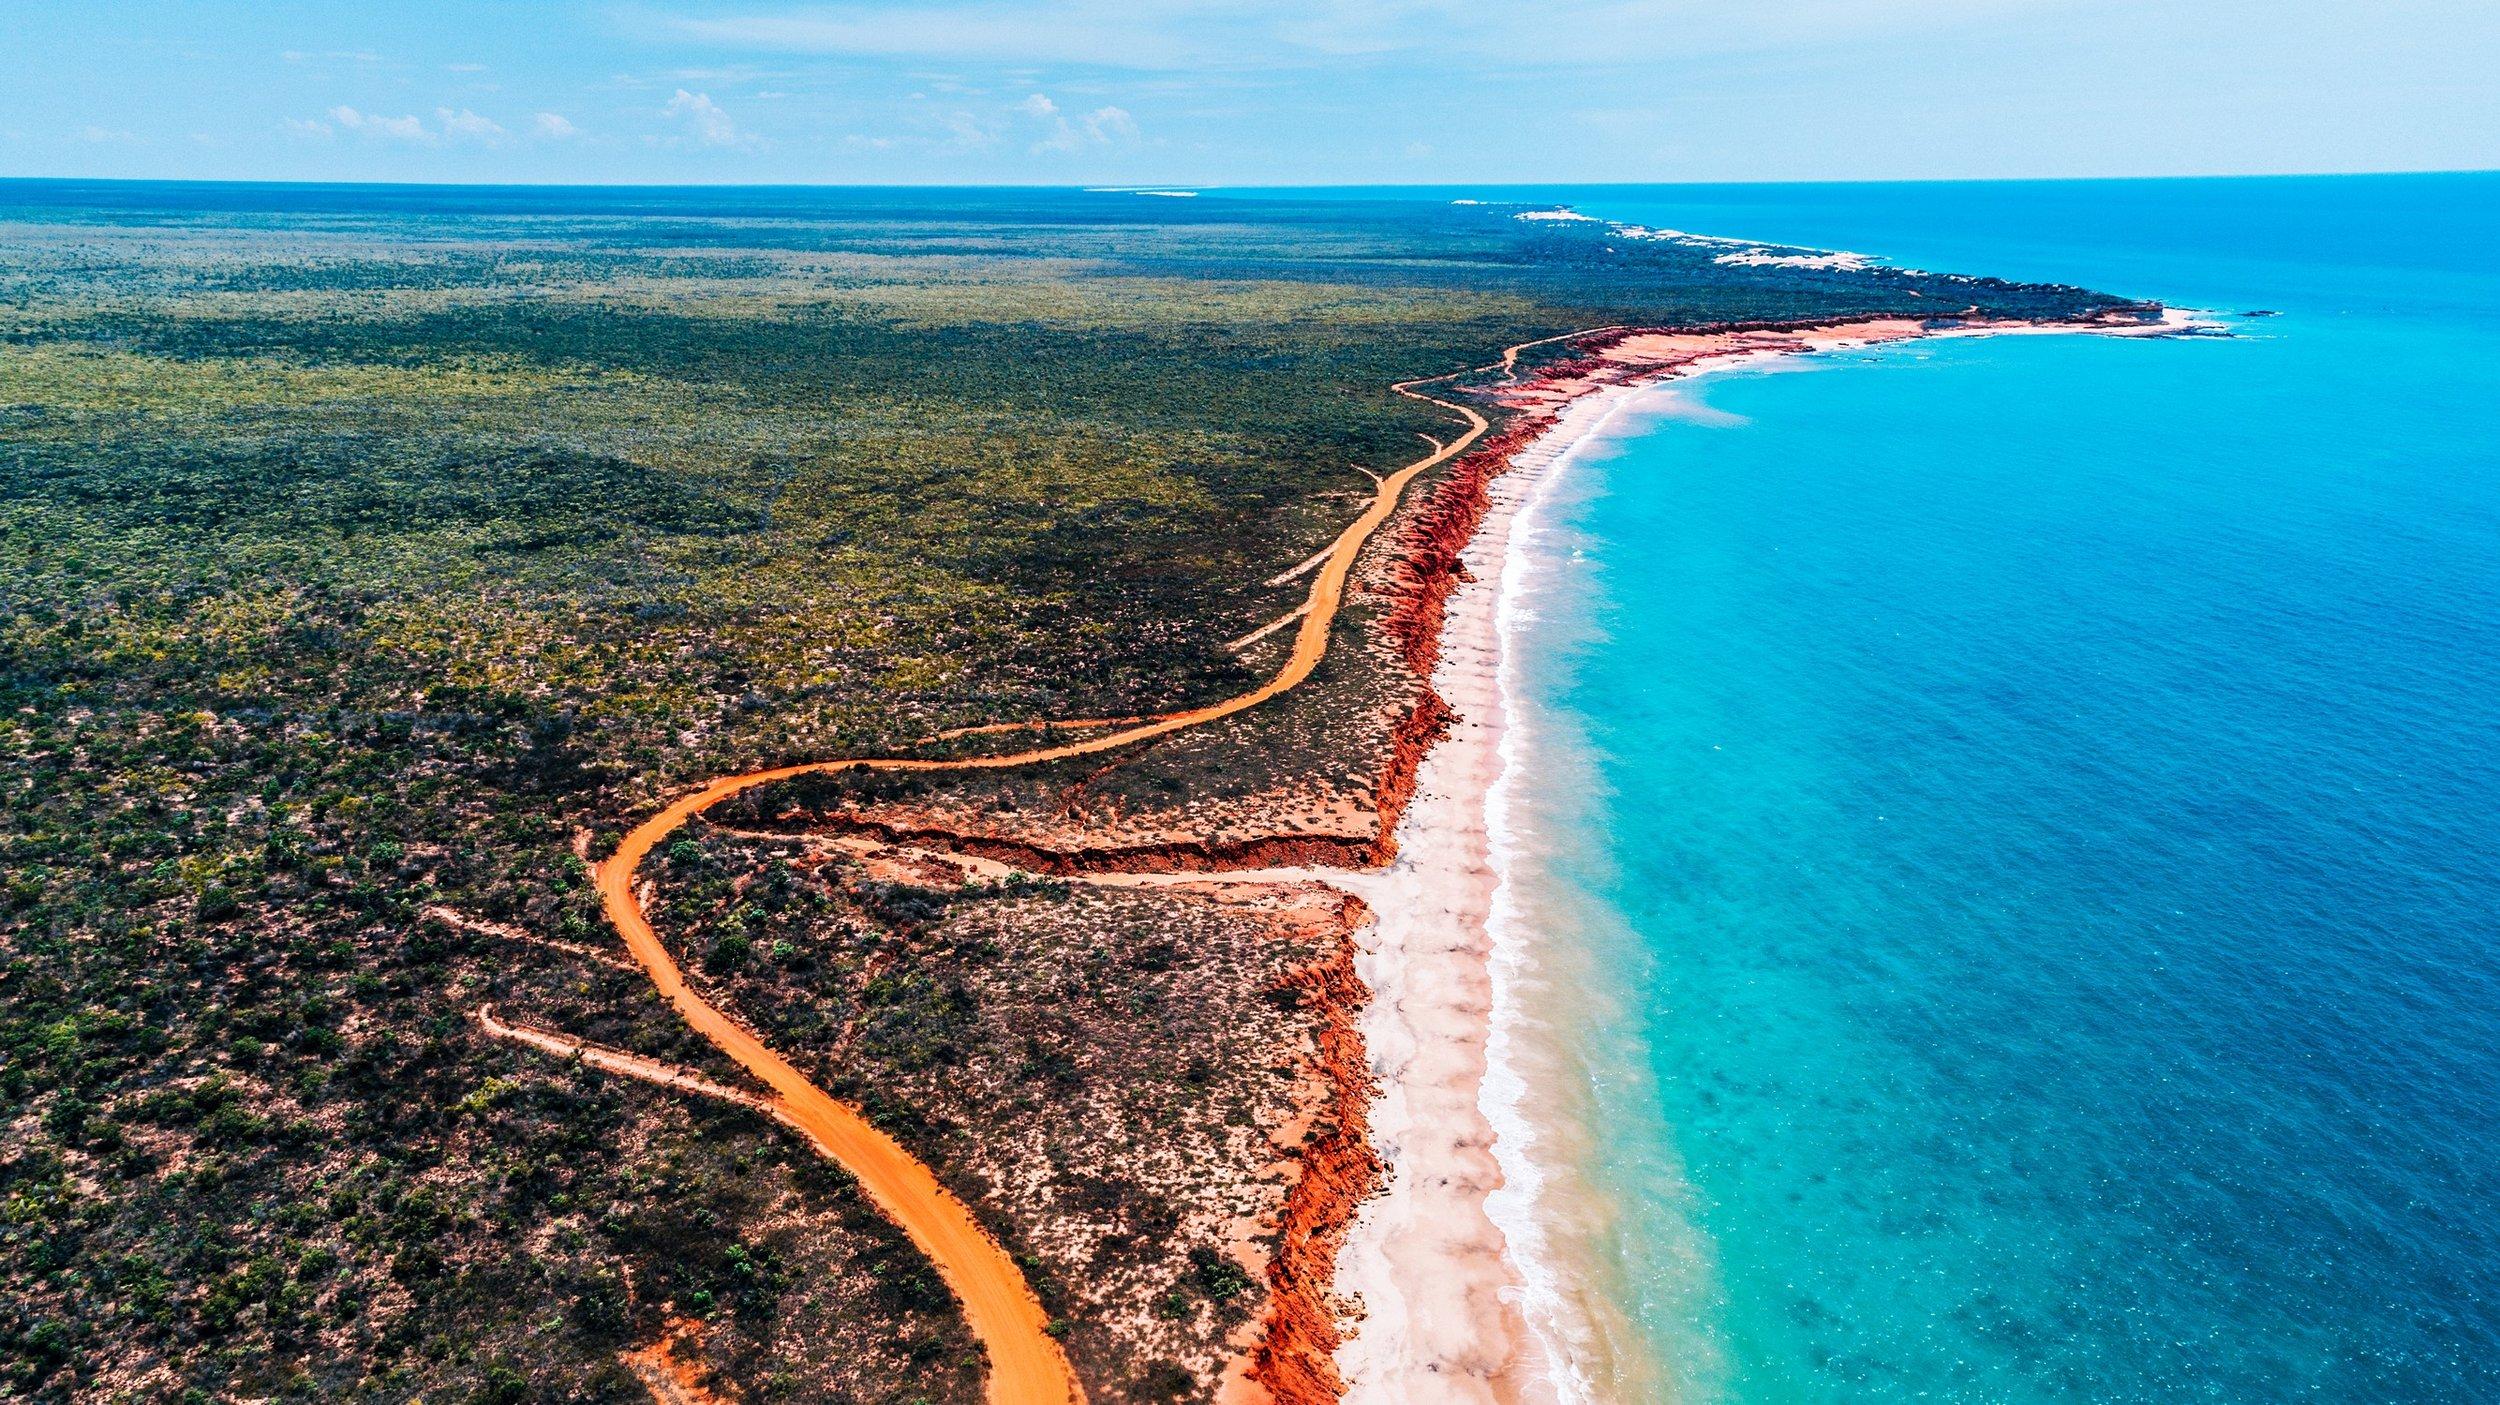 BROOME 3 - WESTERN AUSTRALIA - ELLIOT HUNT